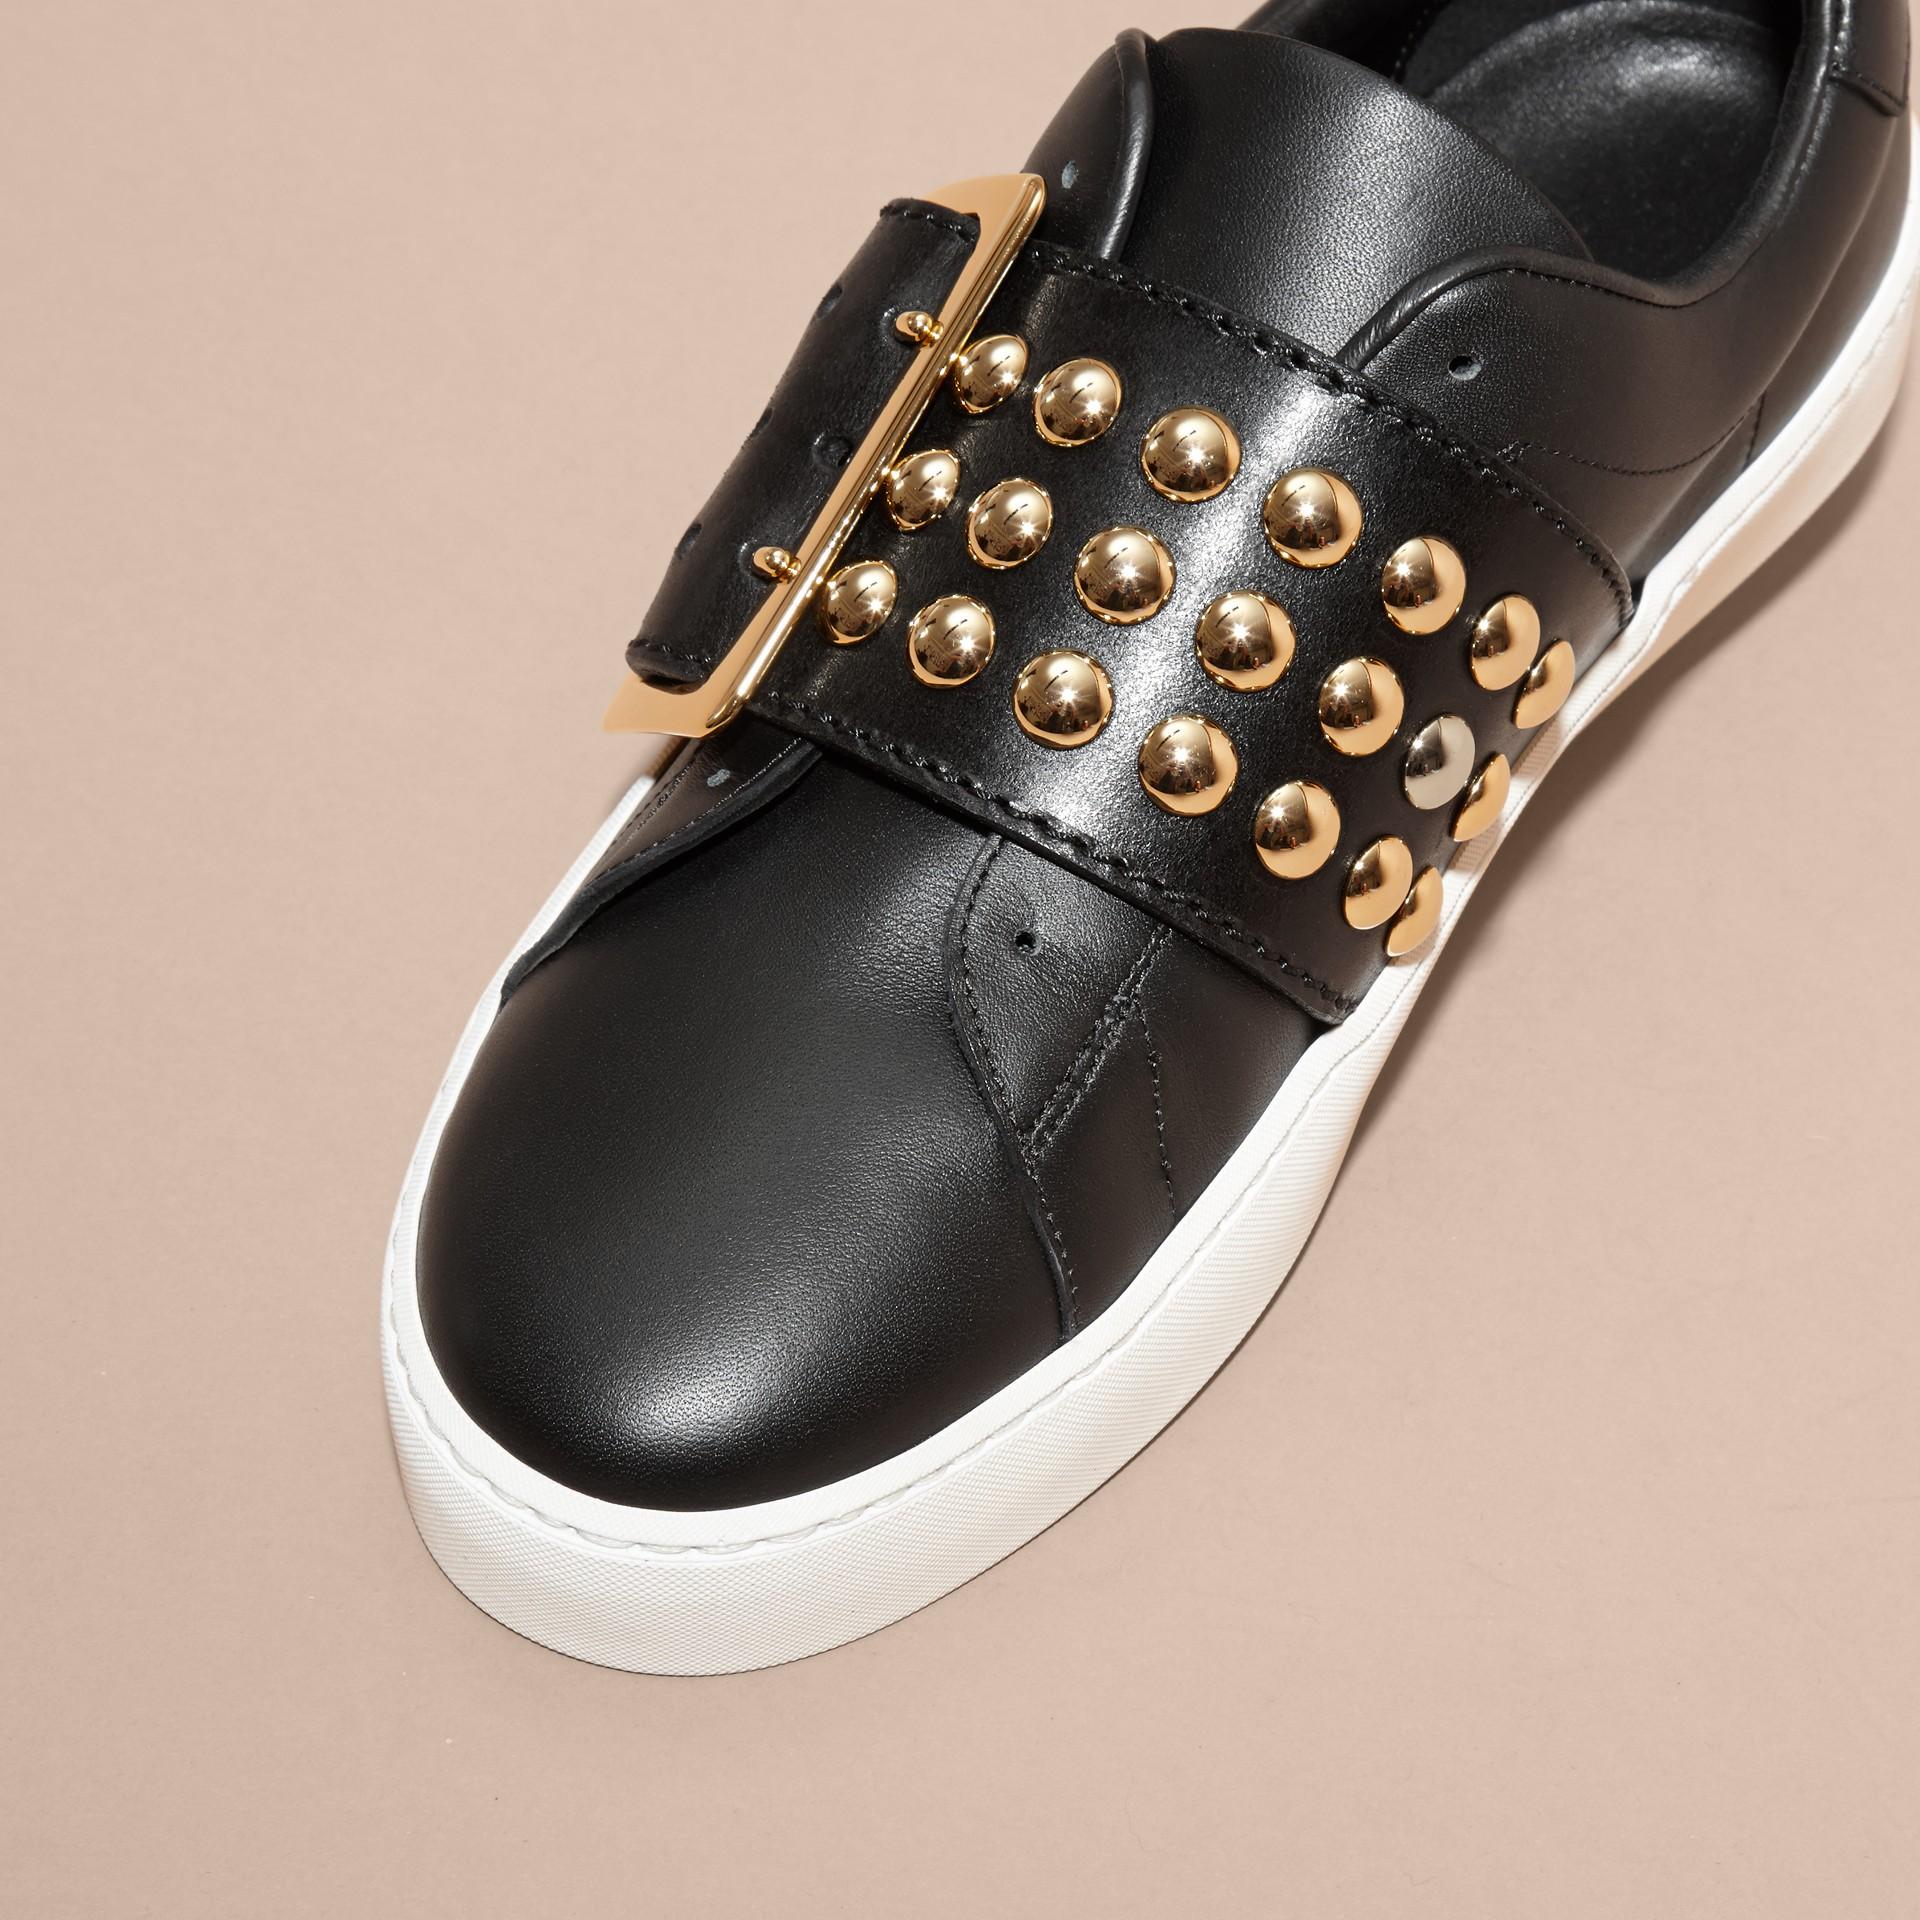 Noir Sneakers en cuir avec détails cloutés et boucle surdimensionnée - photo de la galerie 3